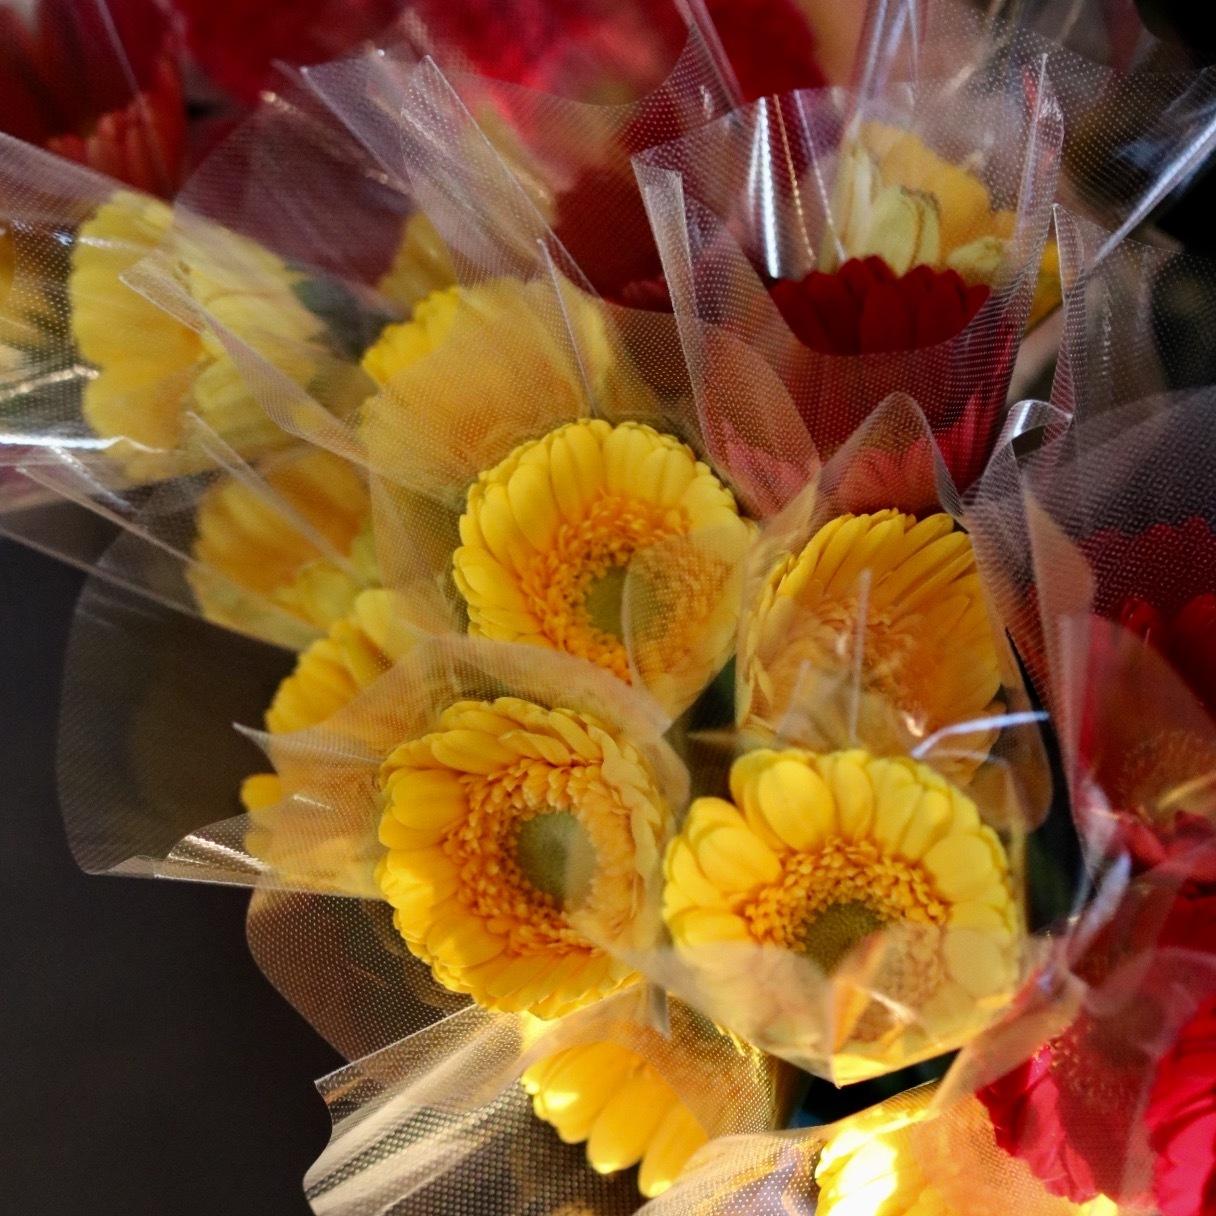 週末には、花屋に行こう!_c0366722_17545580.jpg